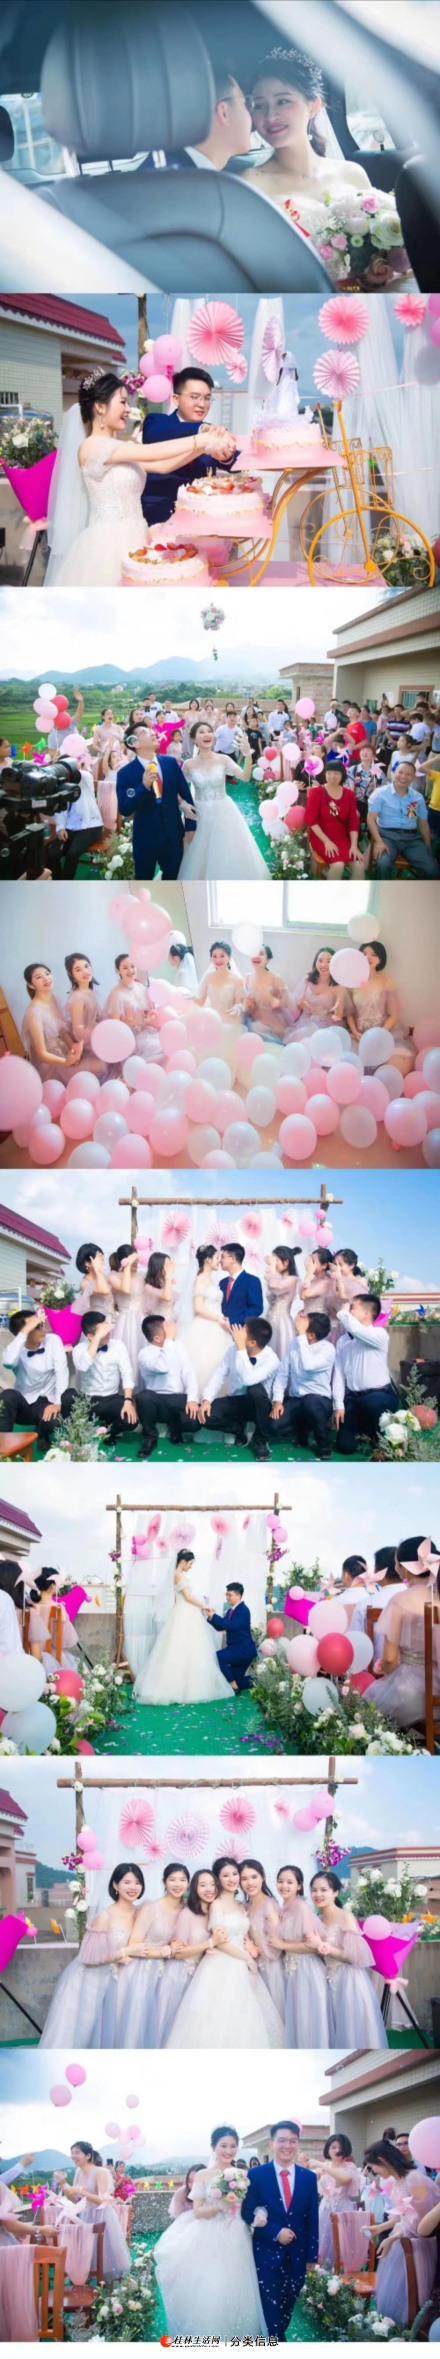 婚礼摄像、   各类聚会摄影摄像